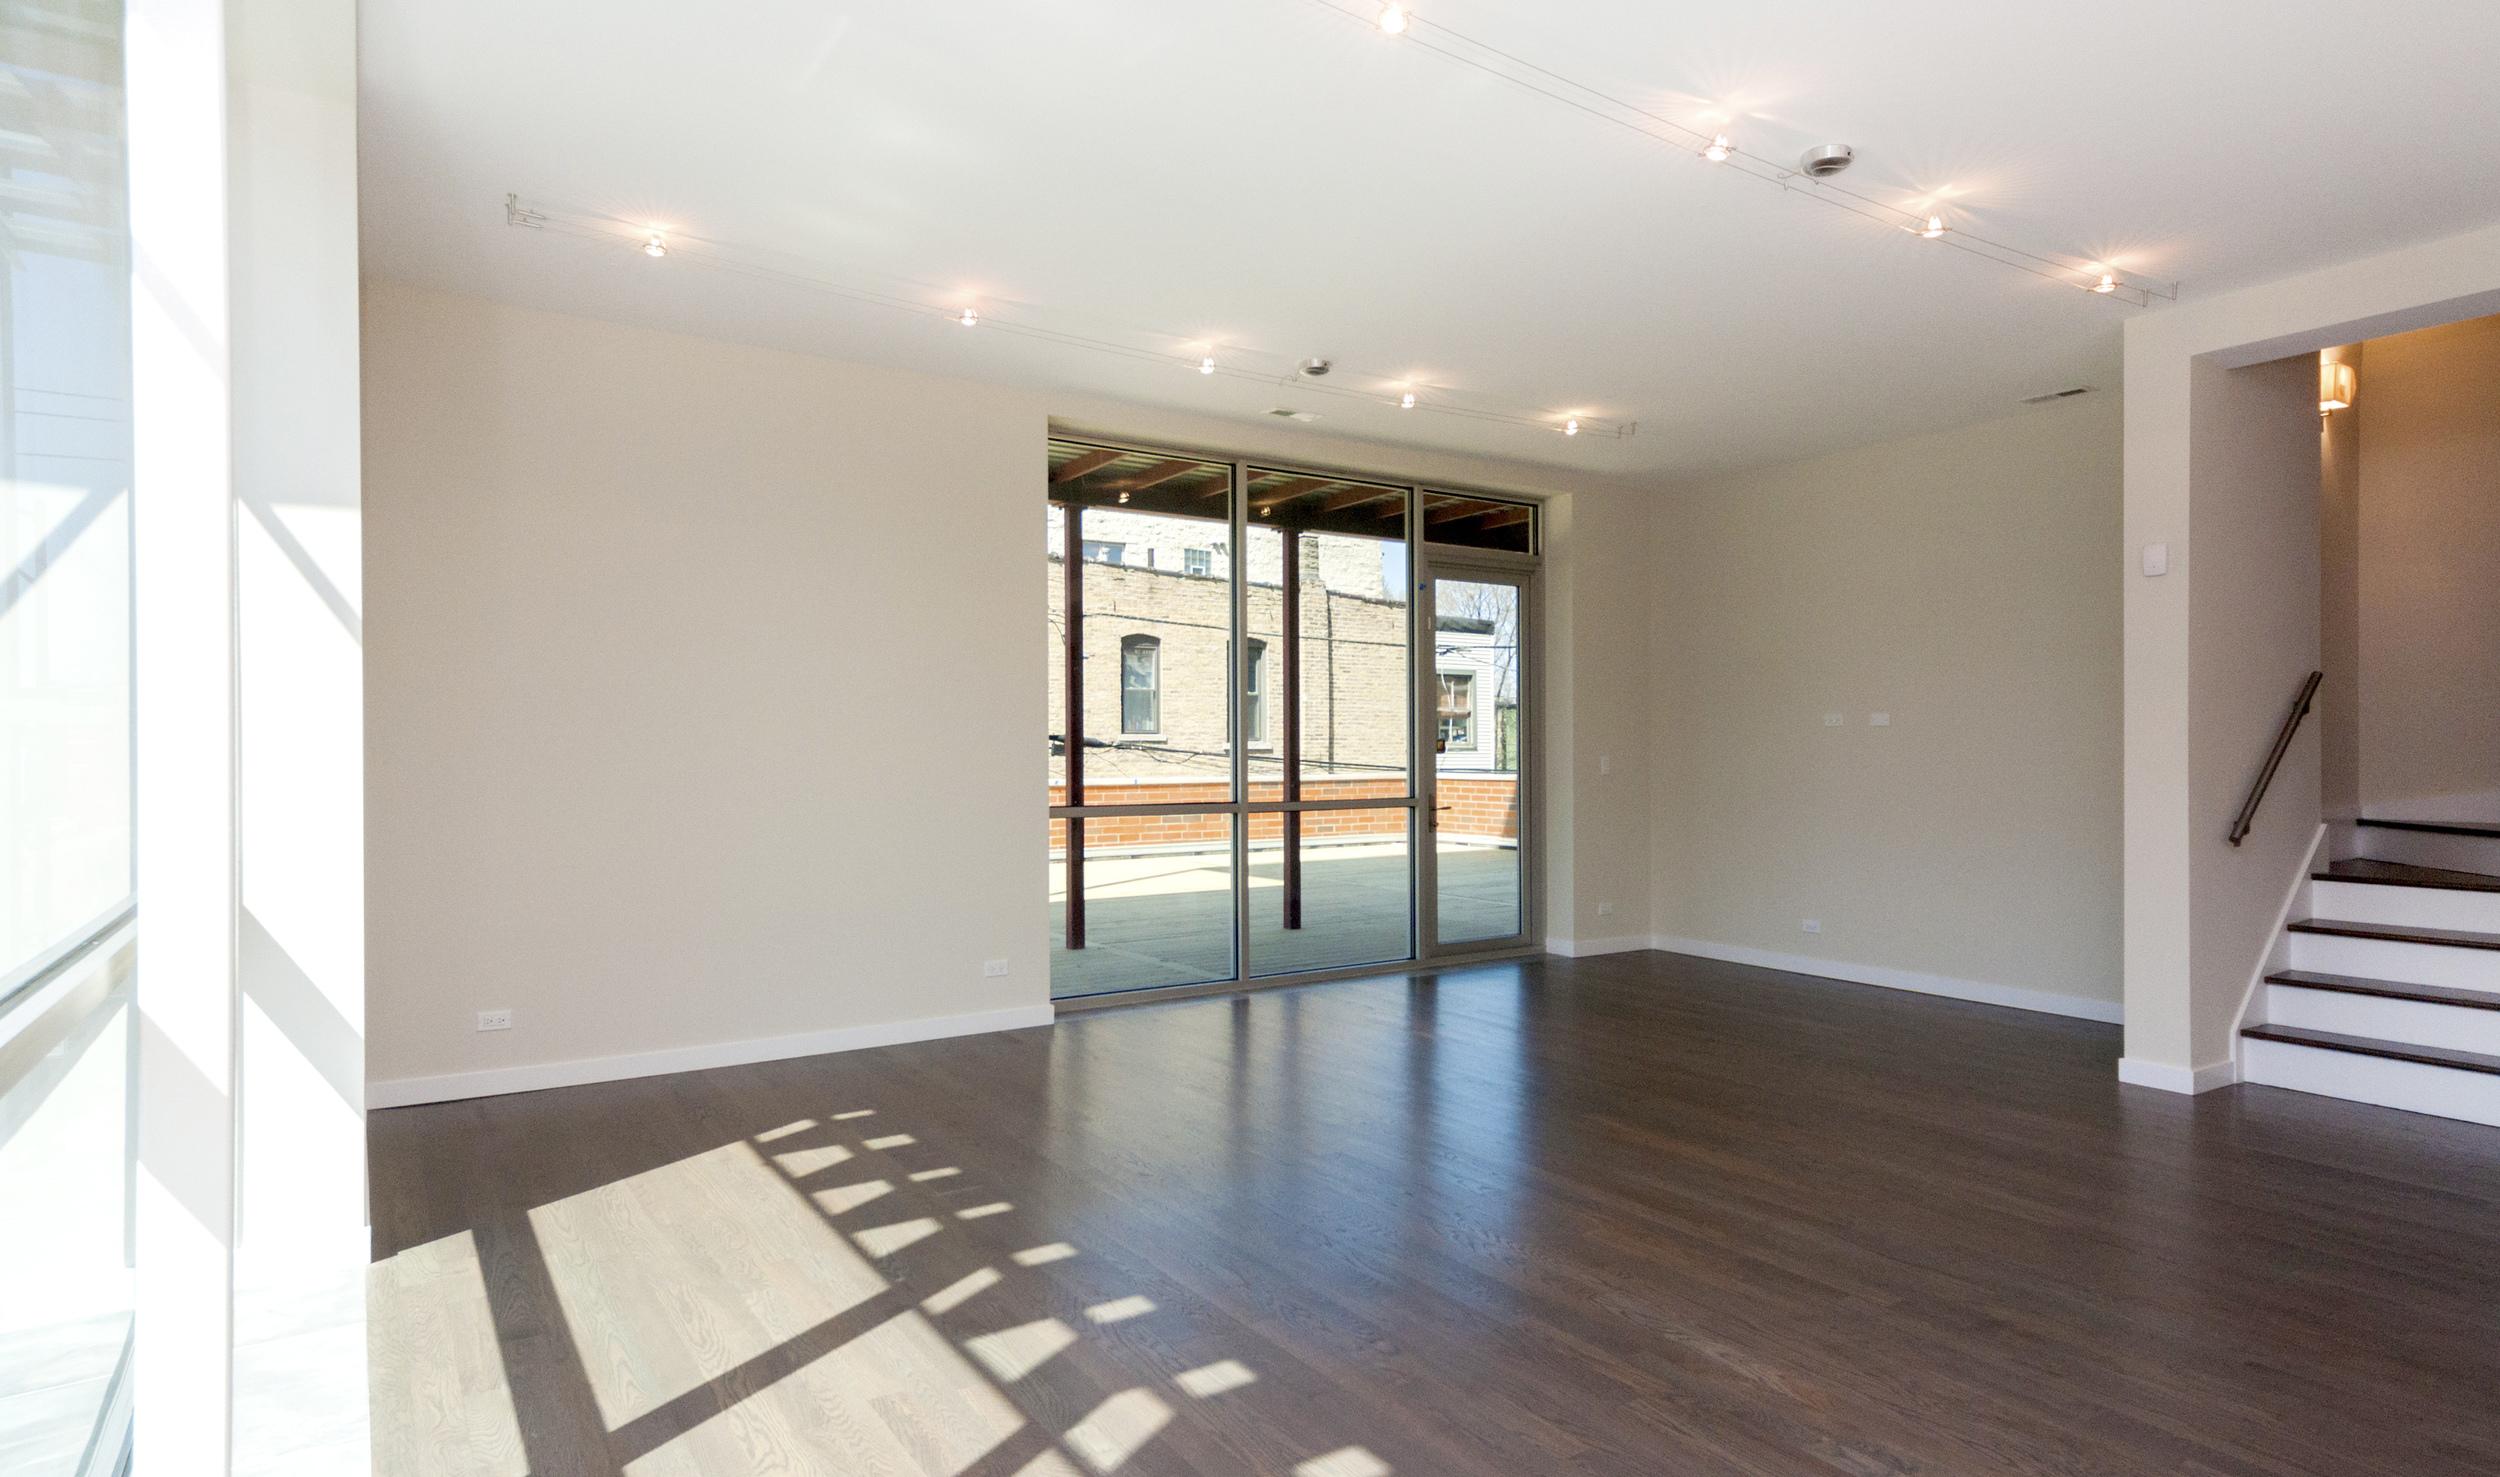 1000 North Damen Chicago Illinois Interior Living Room TARIS Real Estate